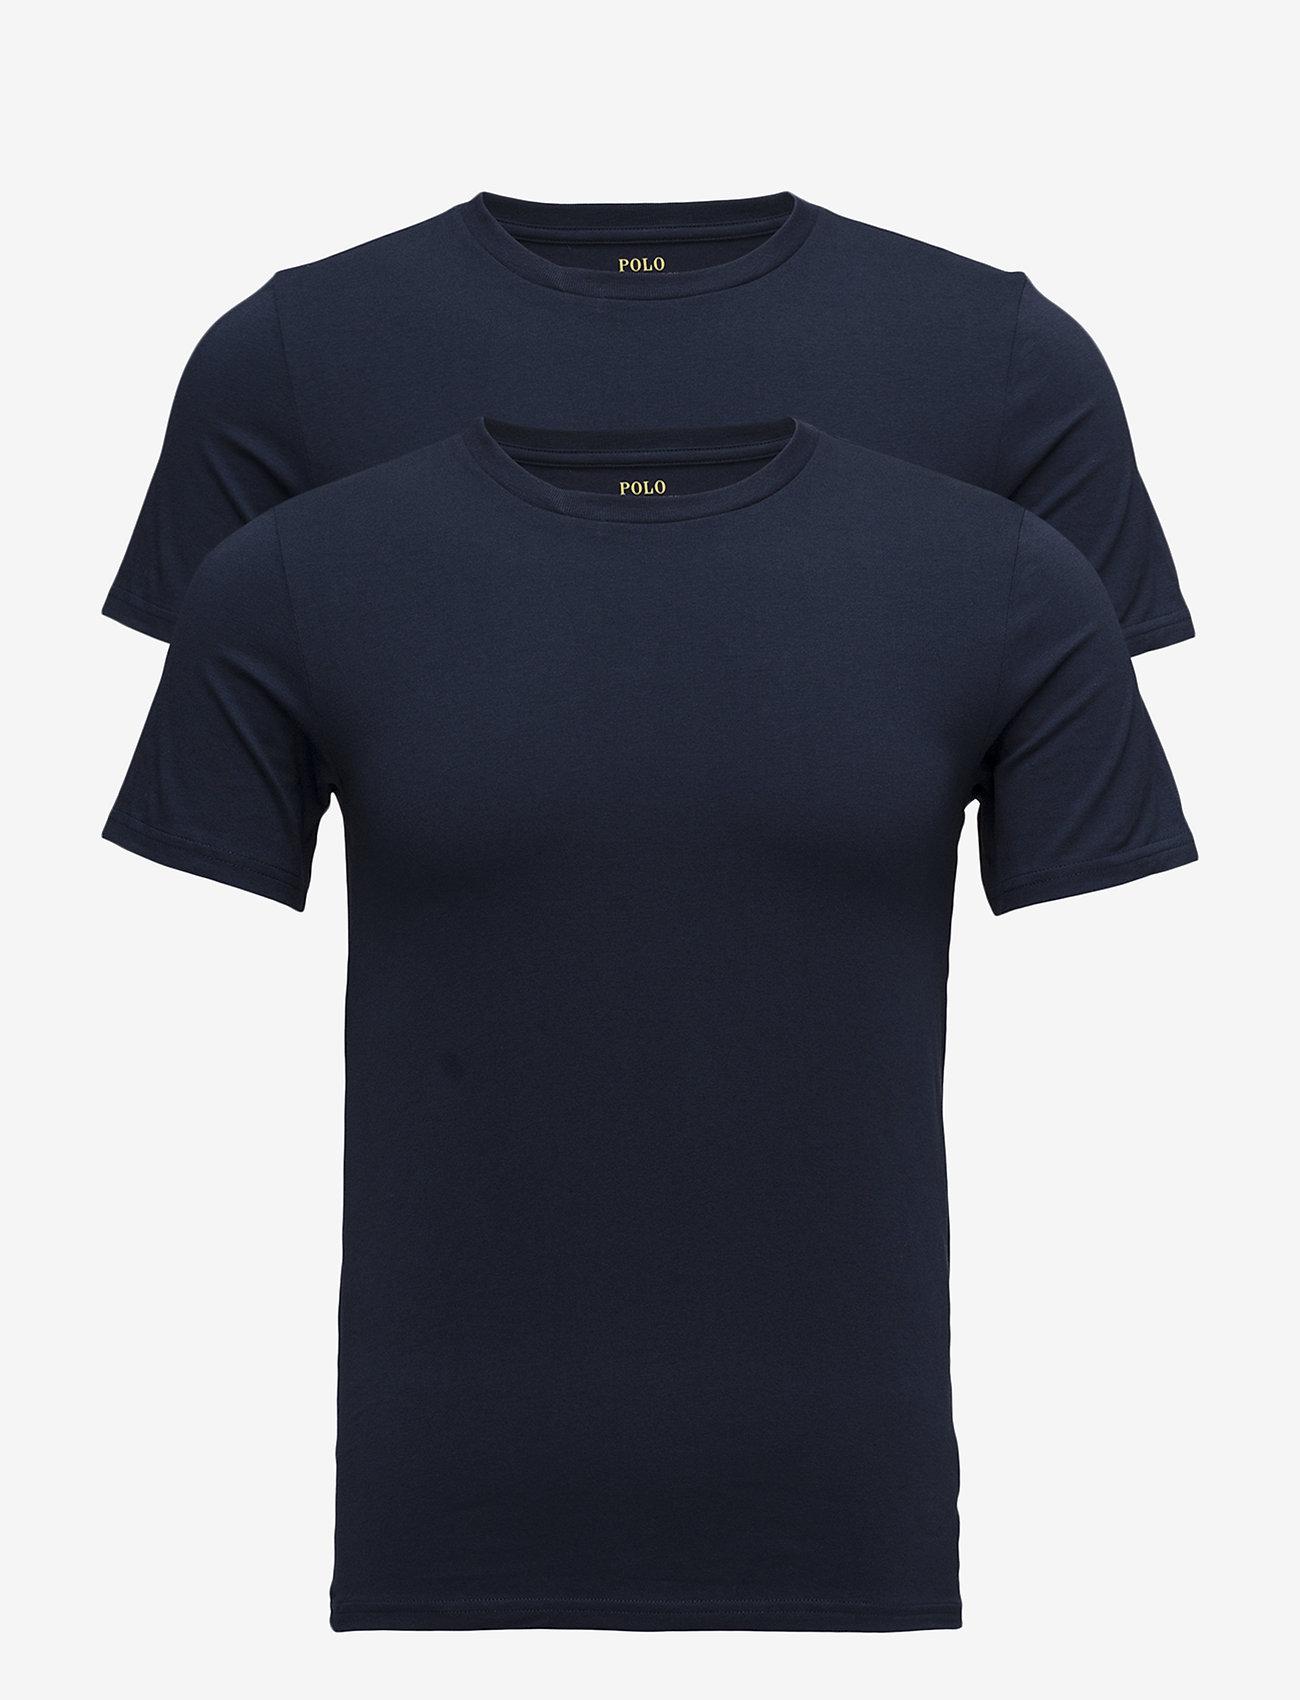 Polo Ralph Lauren Underwear - Crewneck T-Shirt 2-Pack - multipack - 2pk navy/navy - 0